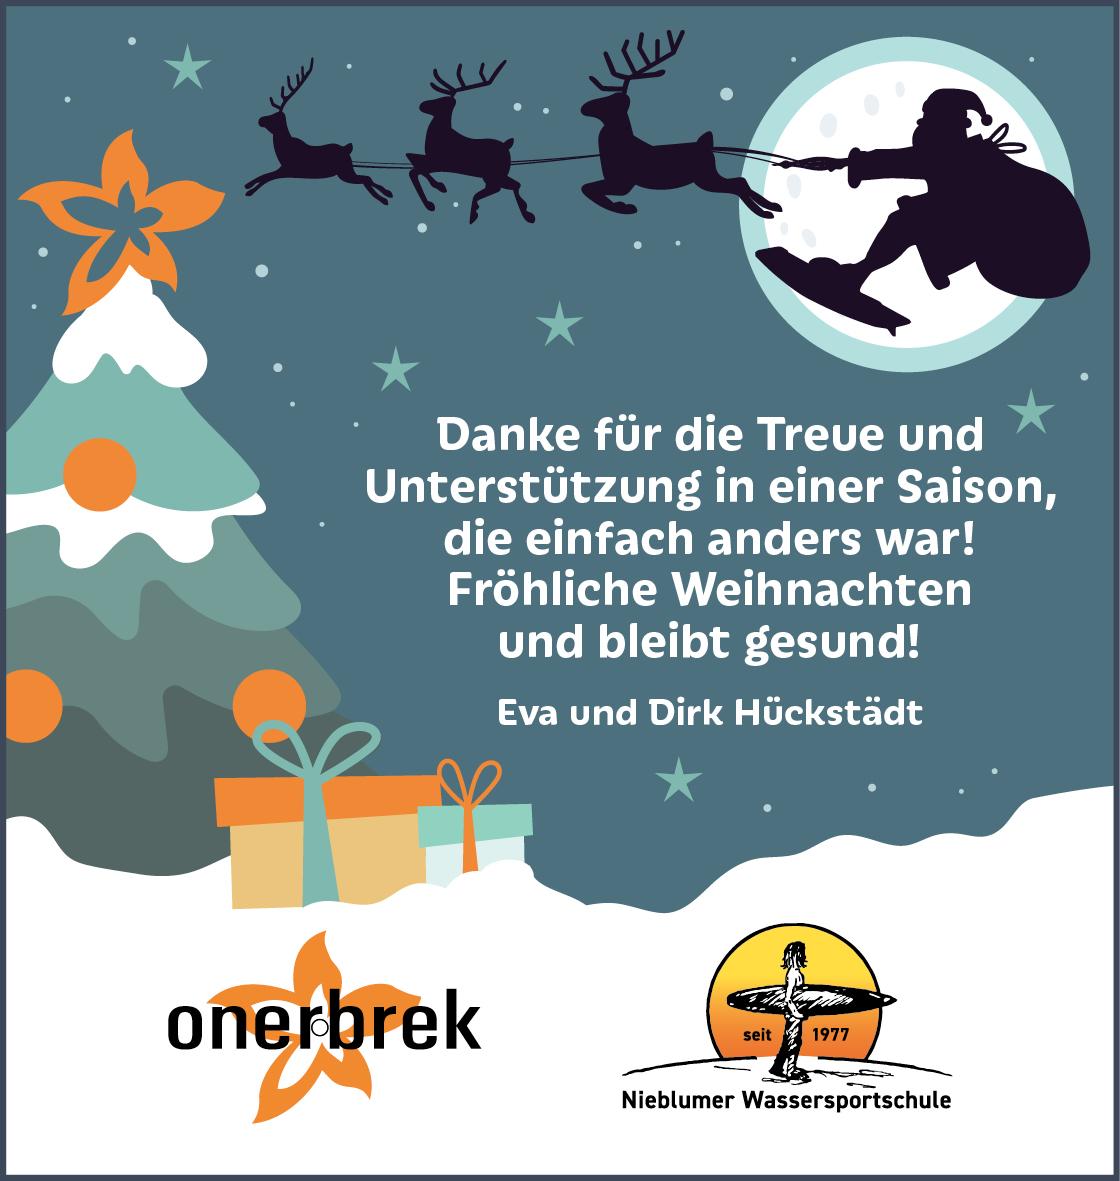 onerbrek_025_Weihnachtsanzeige-2020.jpg